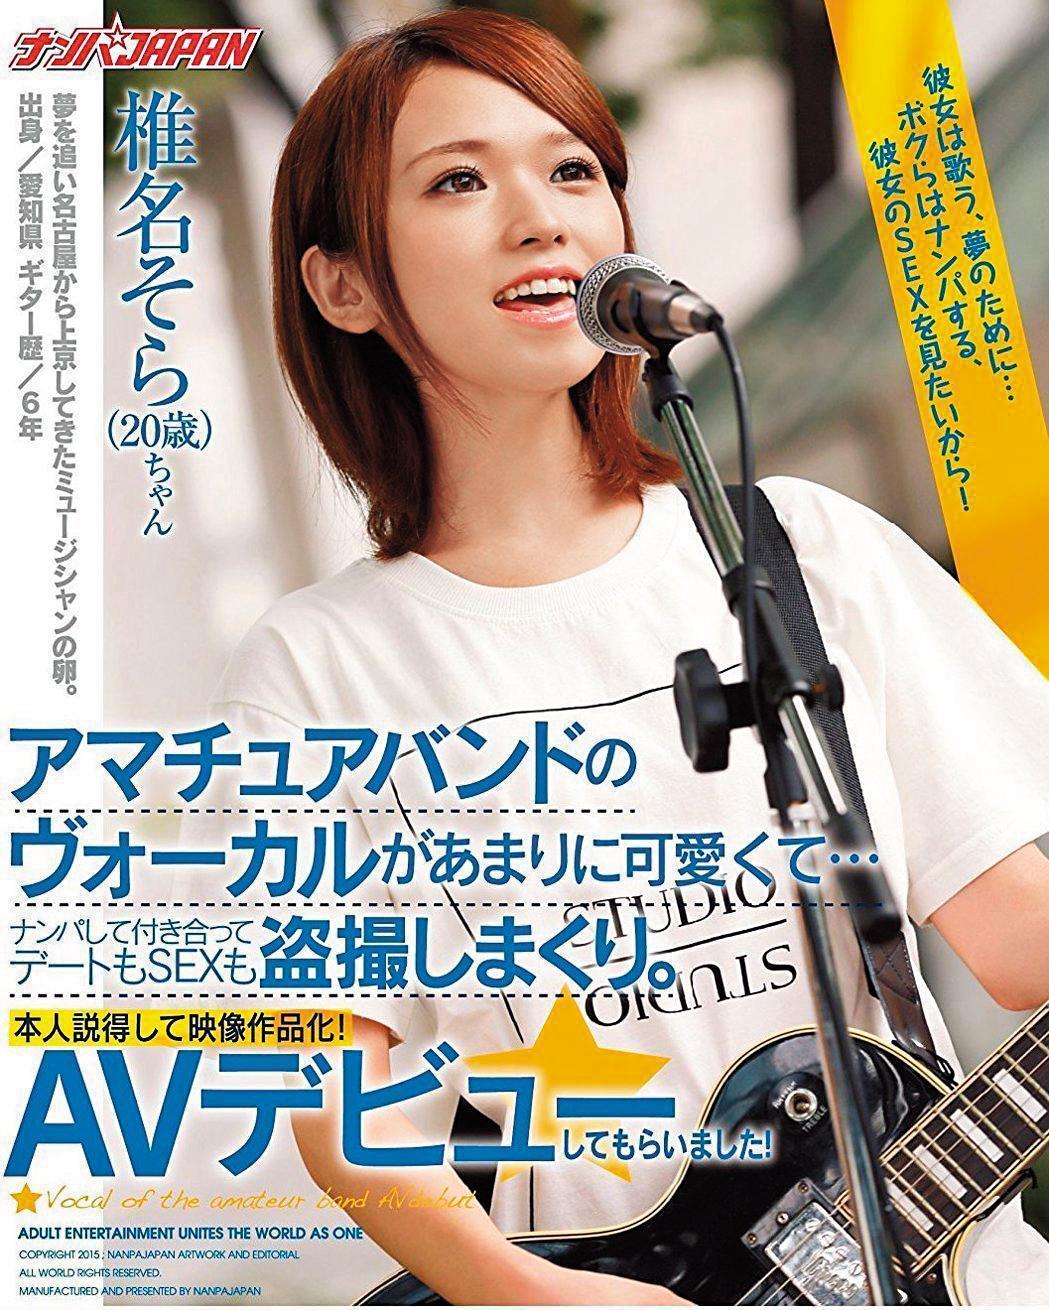 椎名空出道作品是演出被星探拐上床的街頭歌手。(翻攝自amazon.co.jp)